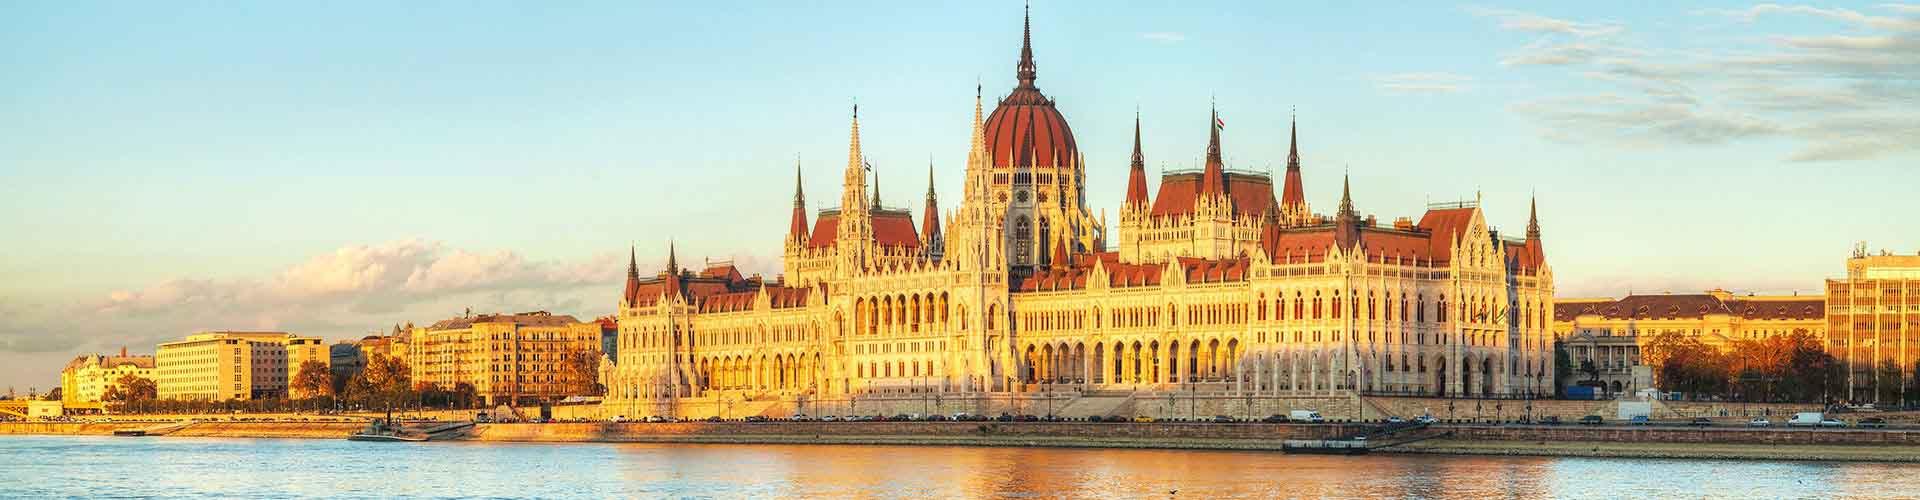 Budapešť - pokoje v Budapešť. Mapy pro Budapešť, fotky a recenze pro každý pokoj - Budapešť.